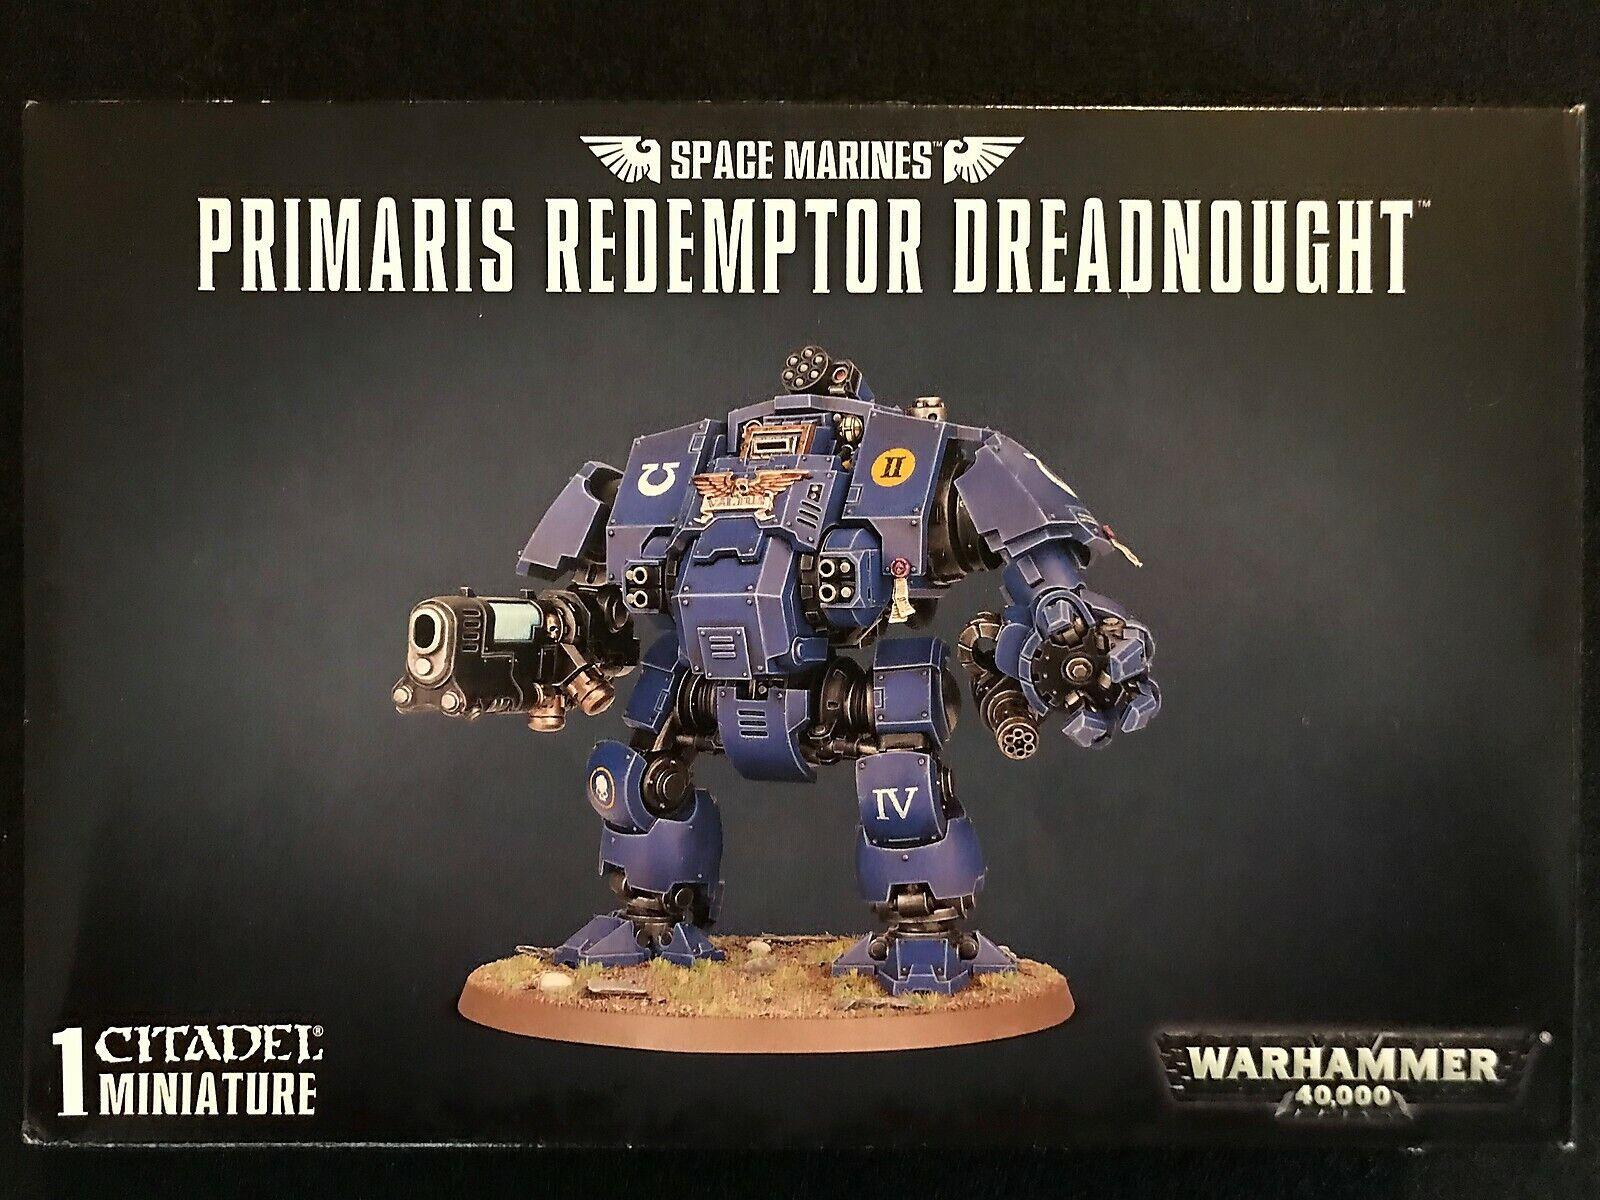 Nouveau  Space Marines Primaris  rougeemptor DREADNOUGHT WARHAMMER 40k  non   promotions promotionnelles